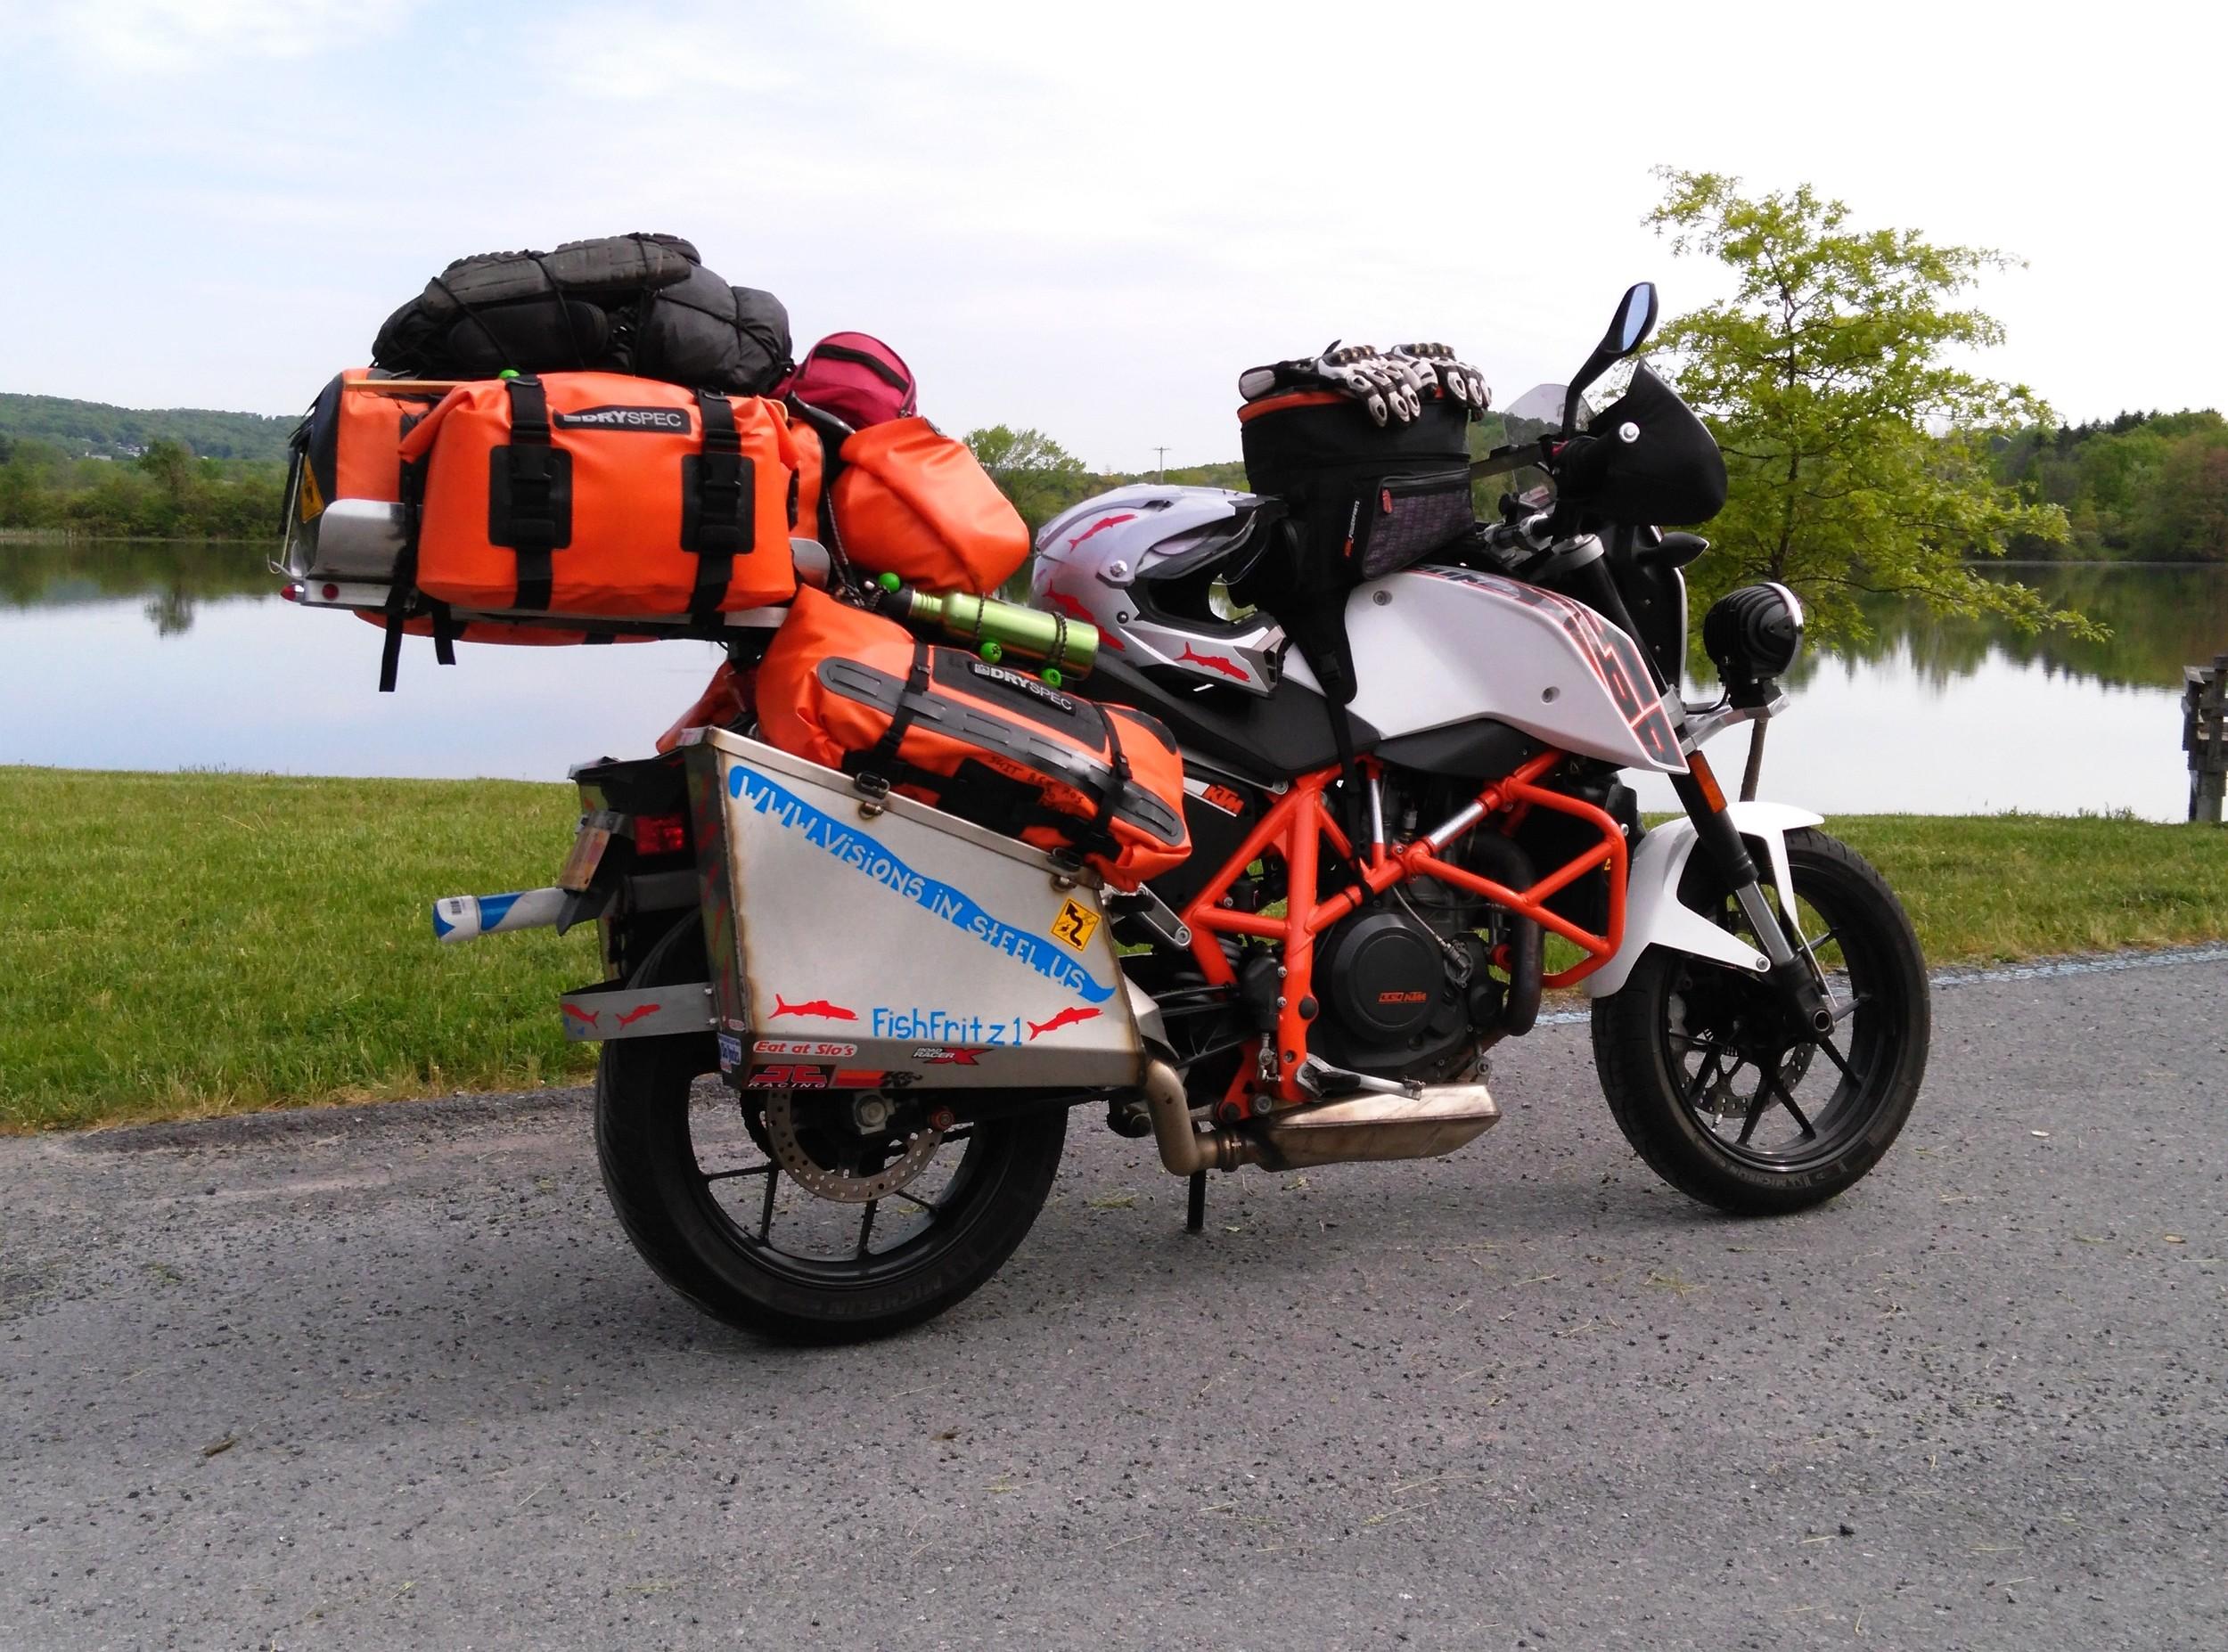 690KTMcustomizedbike.jpg